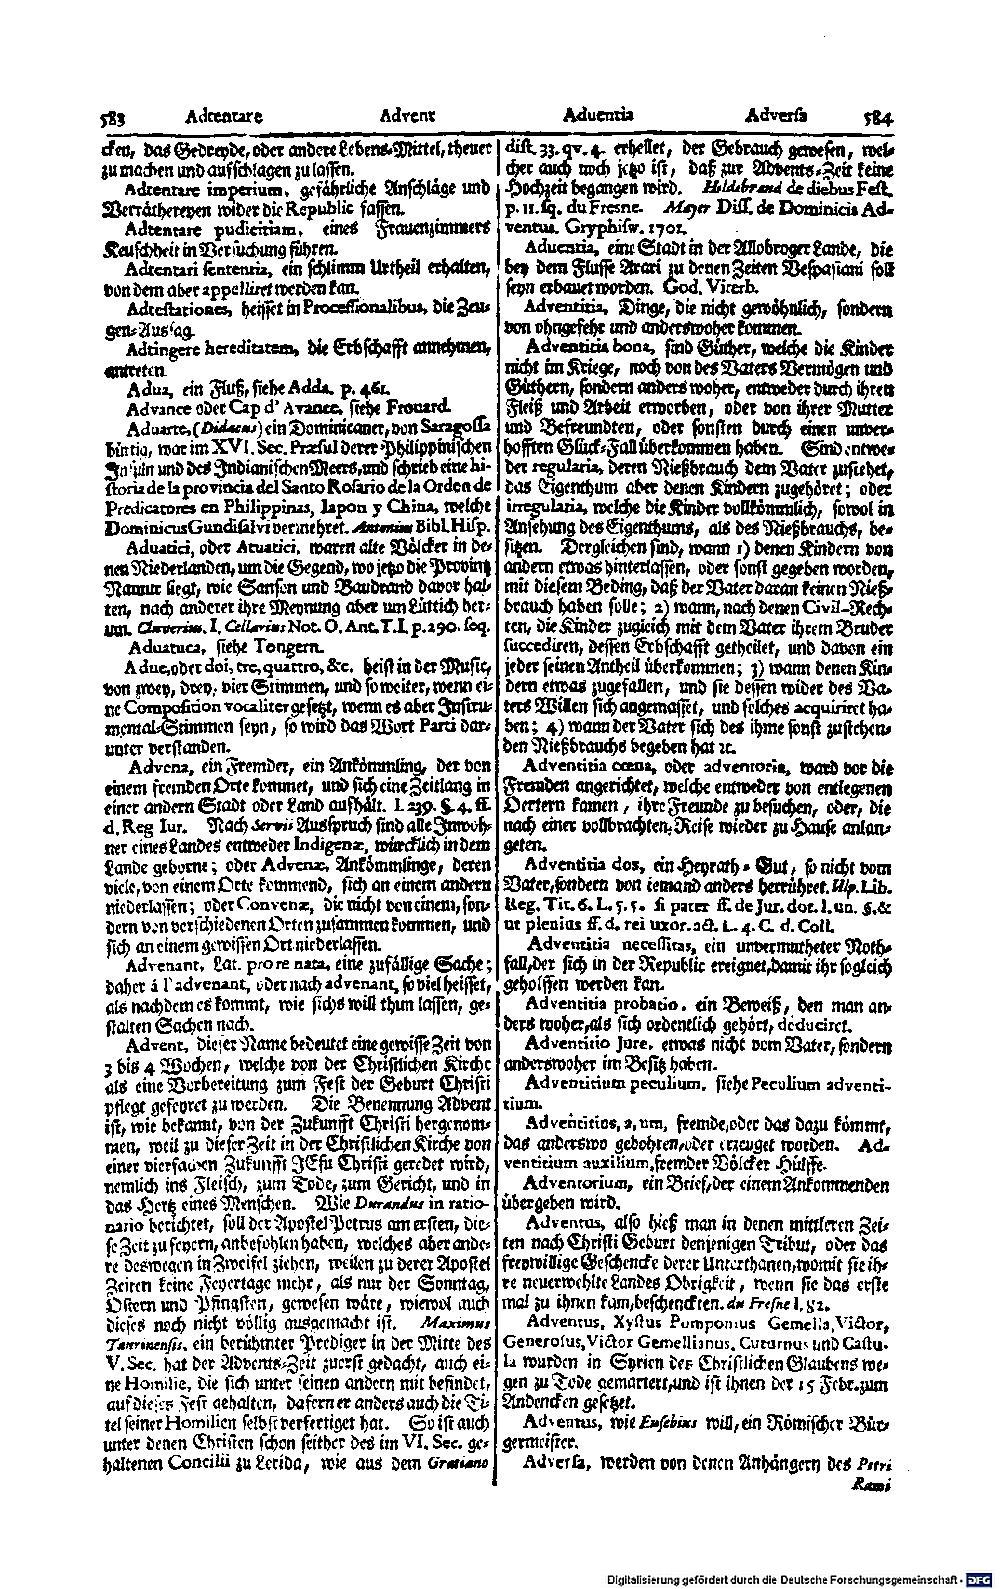 Bd. 1, Seite 0331.